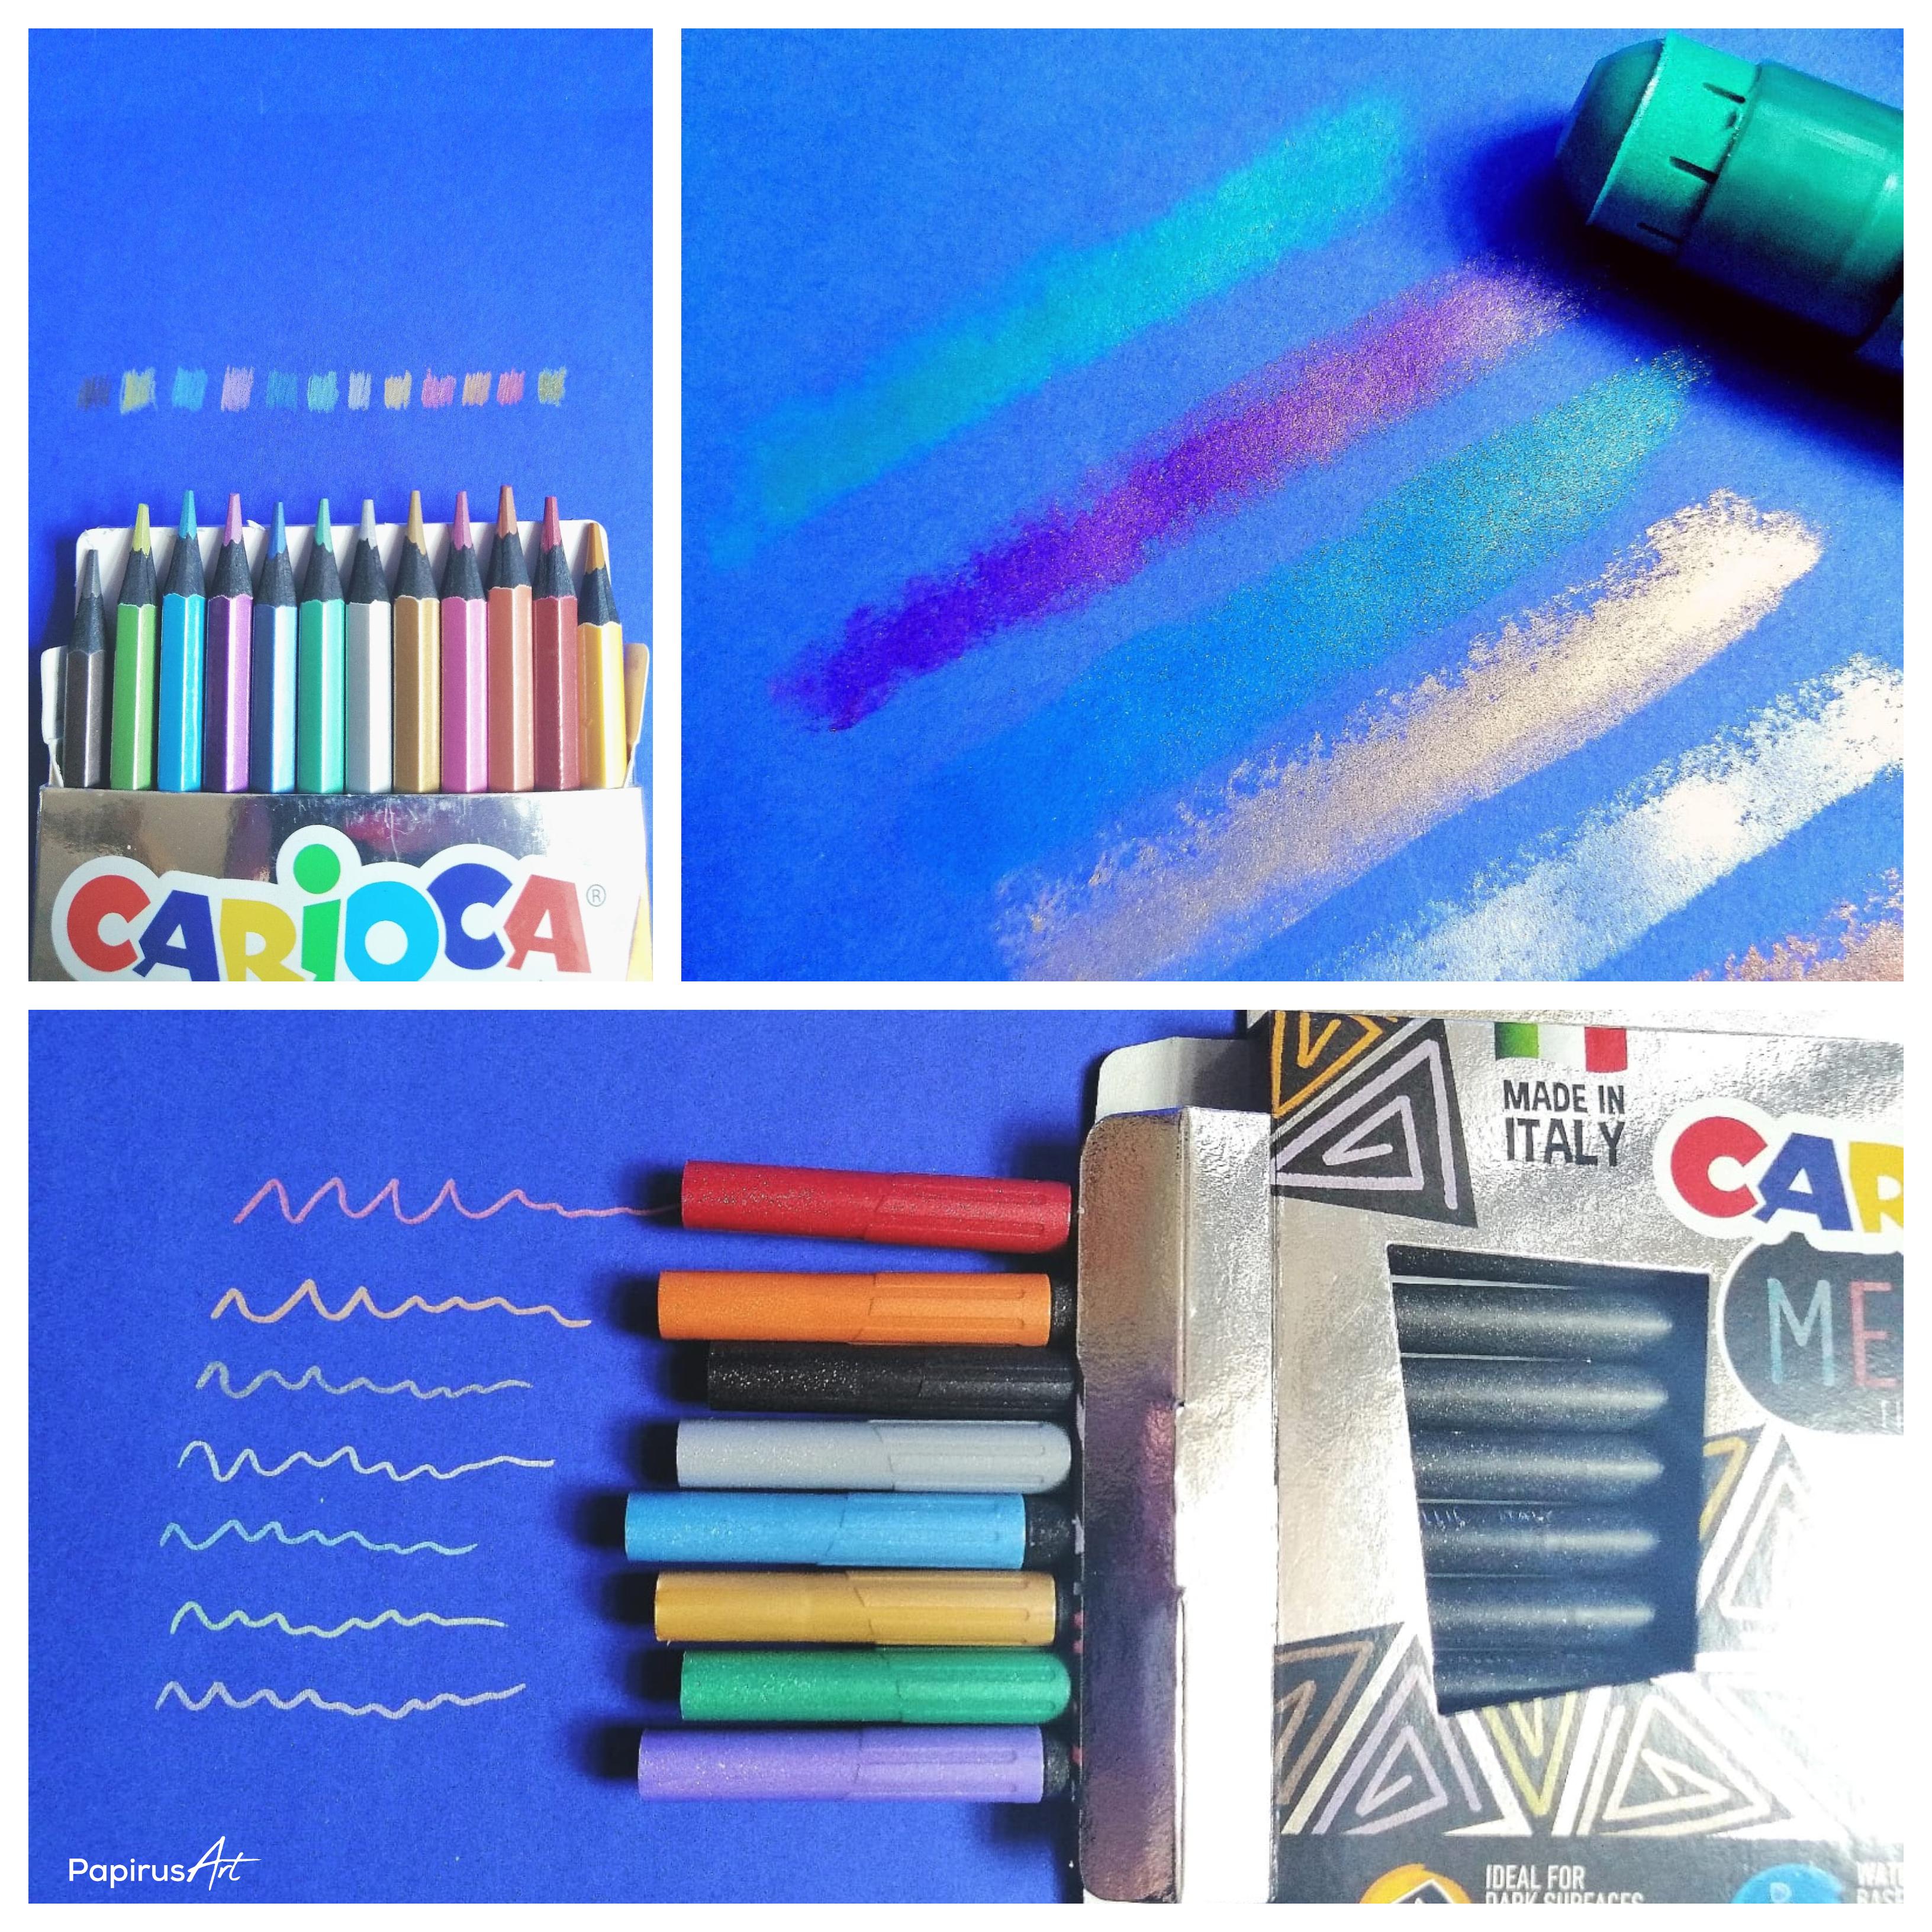 Carioca Metallic